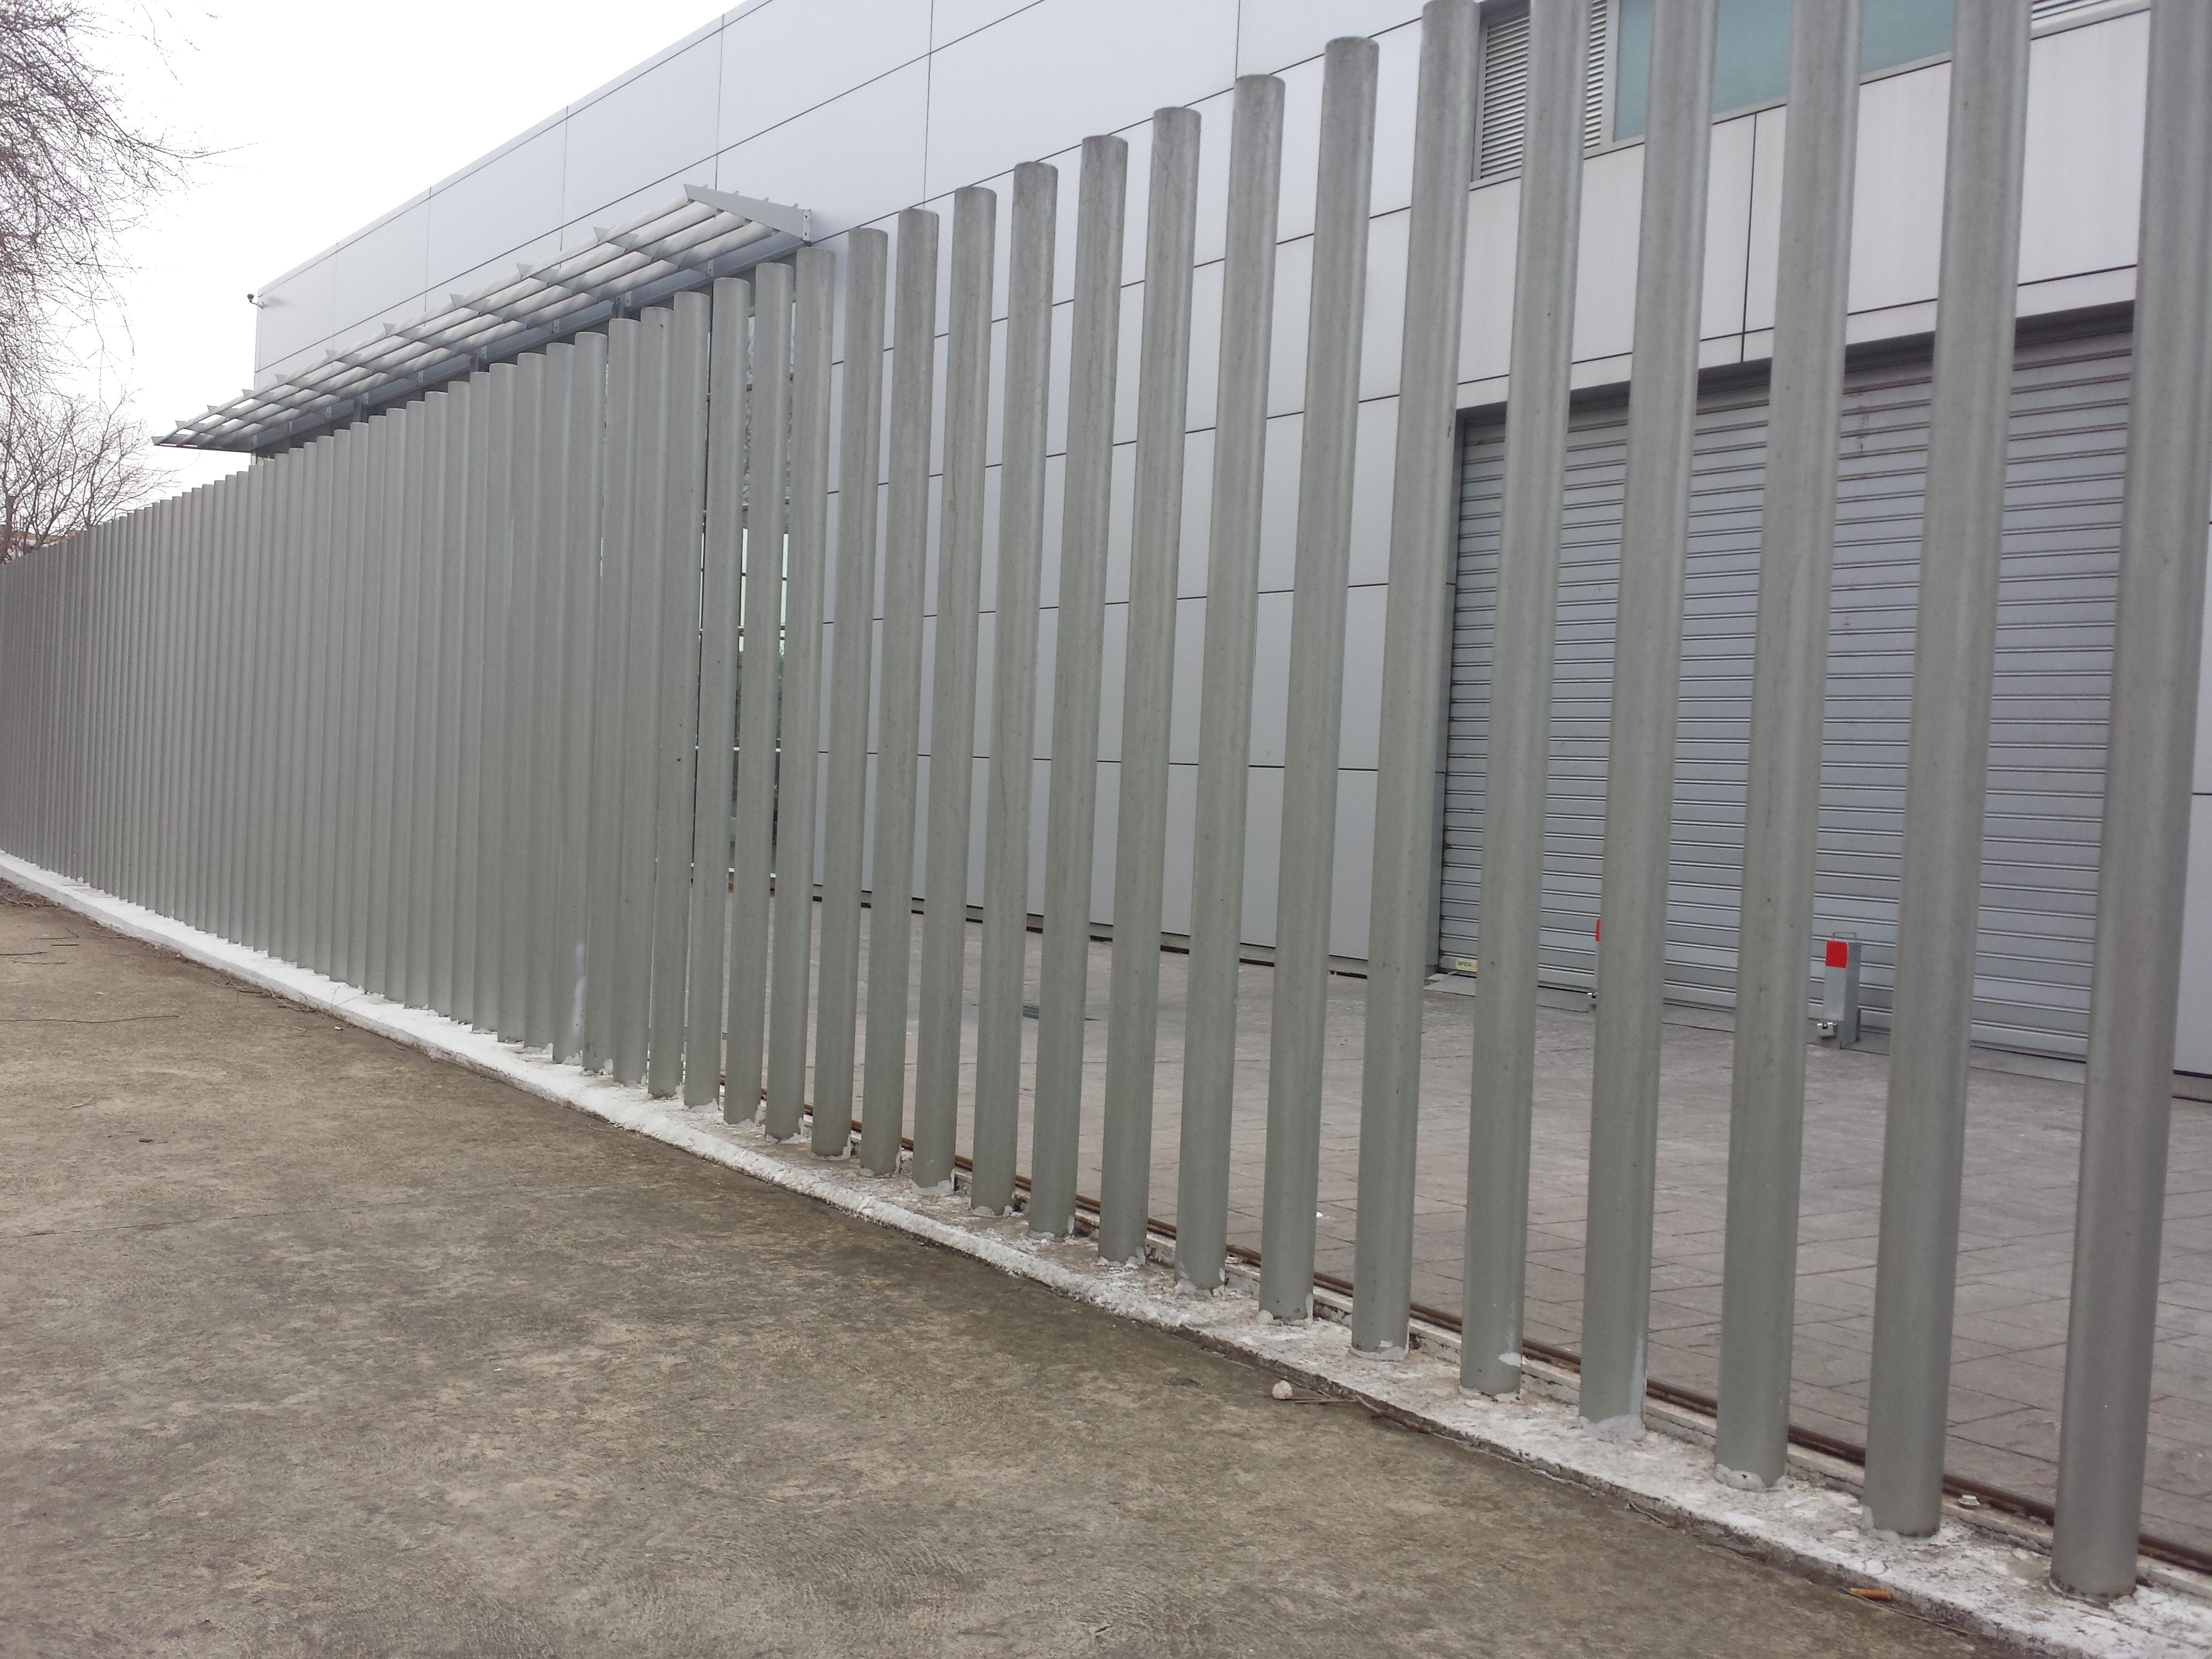 Vinuesa vallas cercados verjas empalizadas con tubos de for Tubos de hierro rectangulares